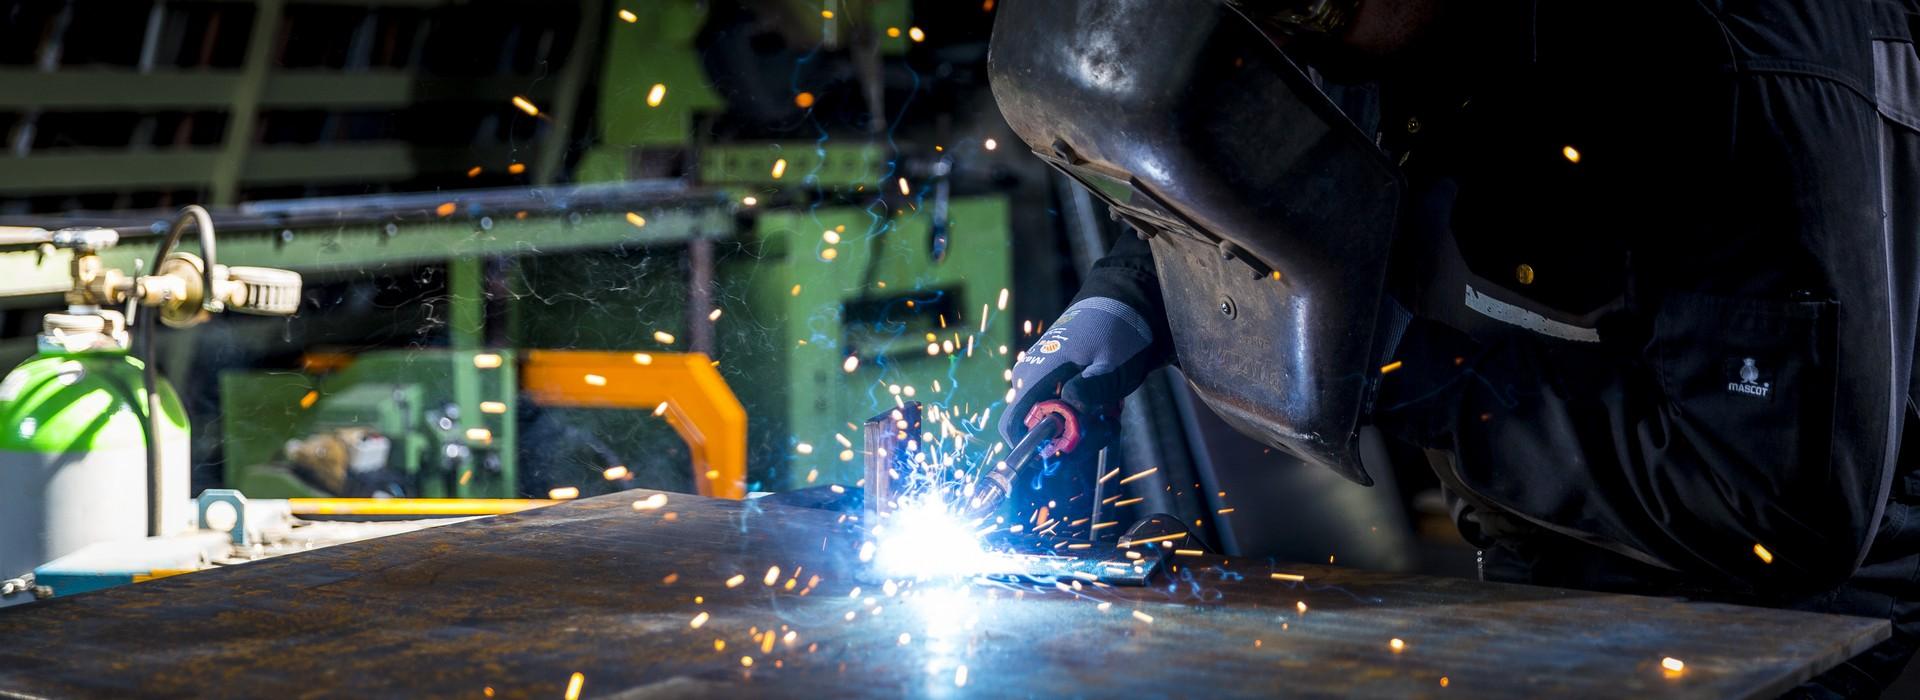 PB_Work_SLD_Metal_Welding01